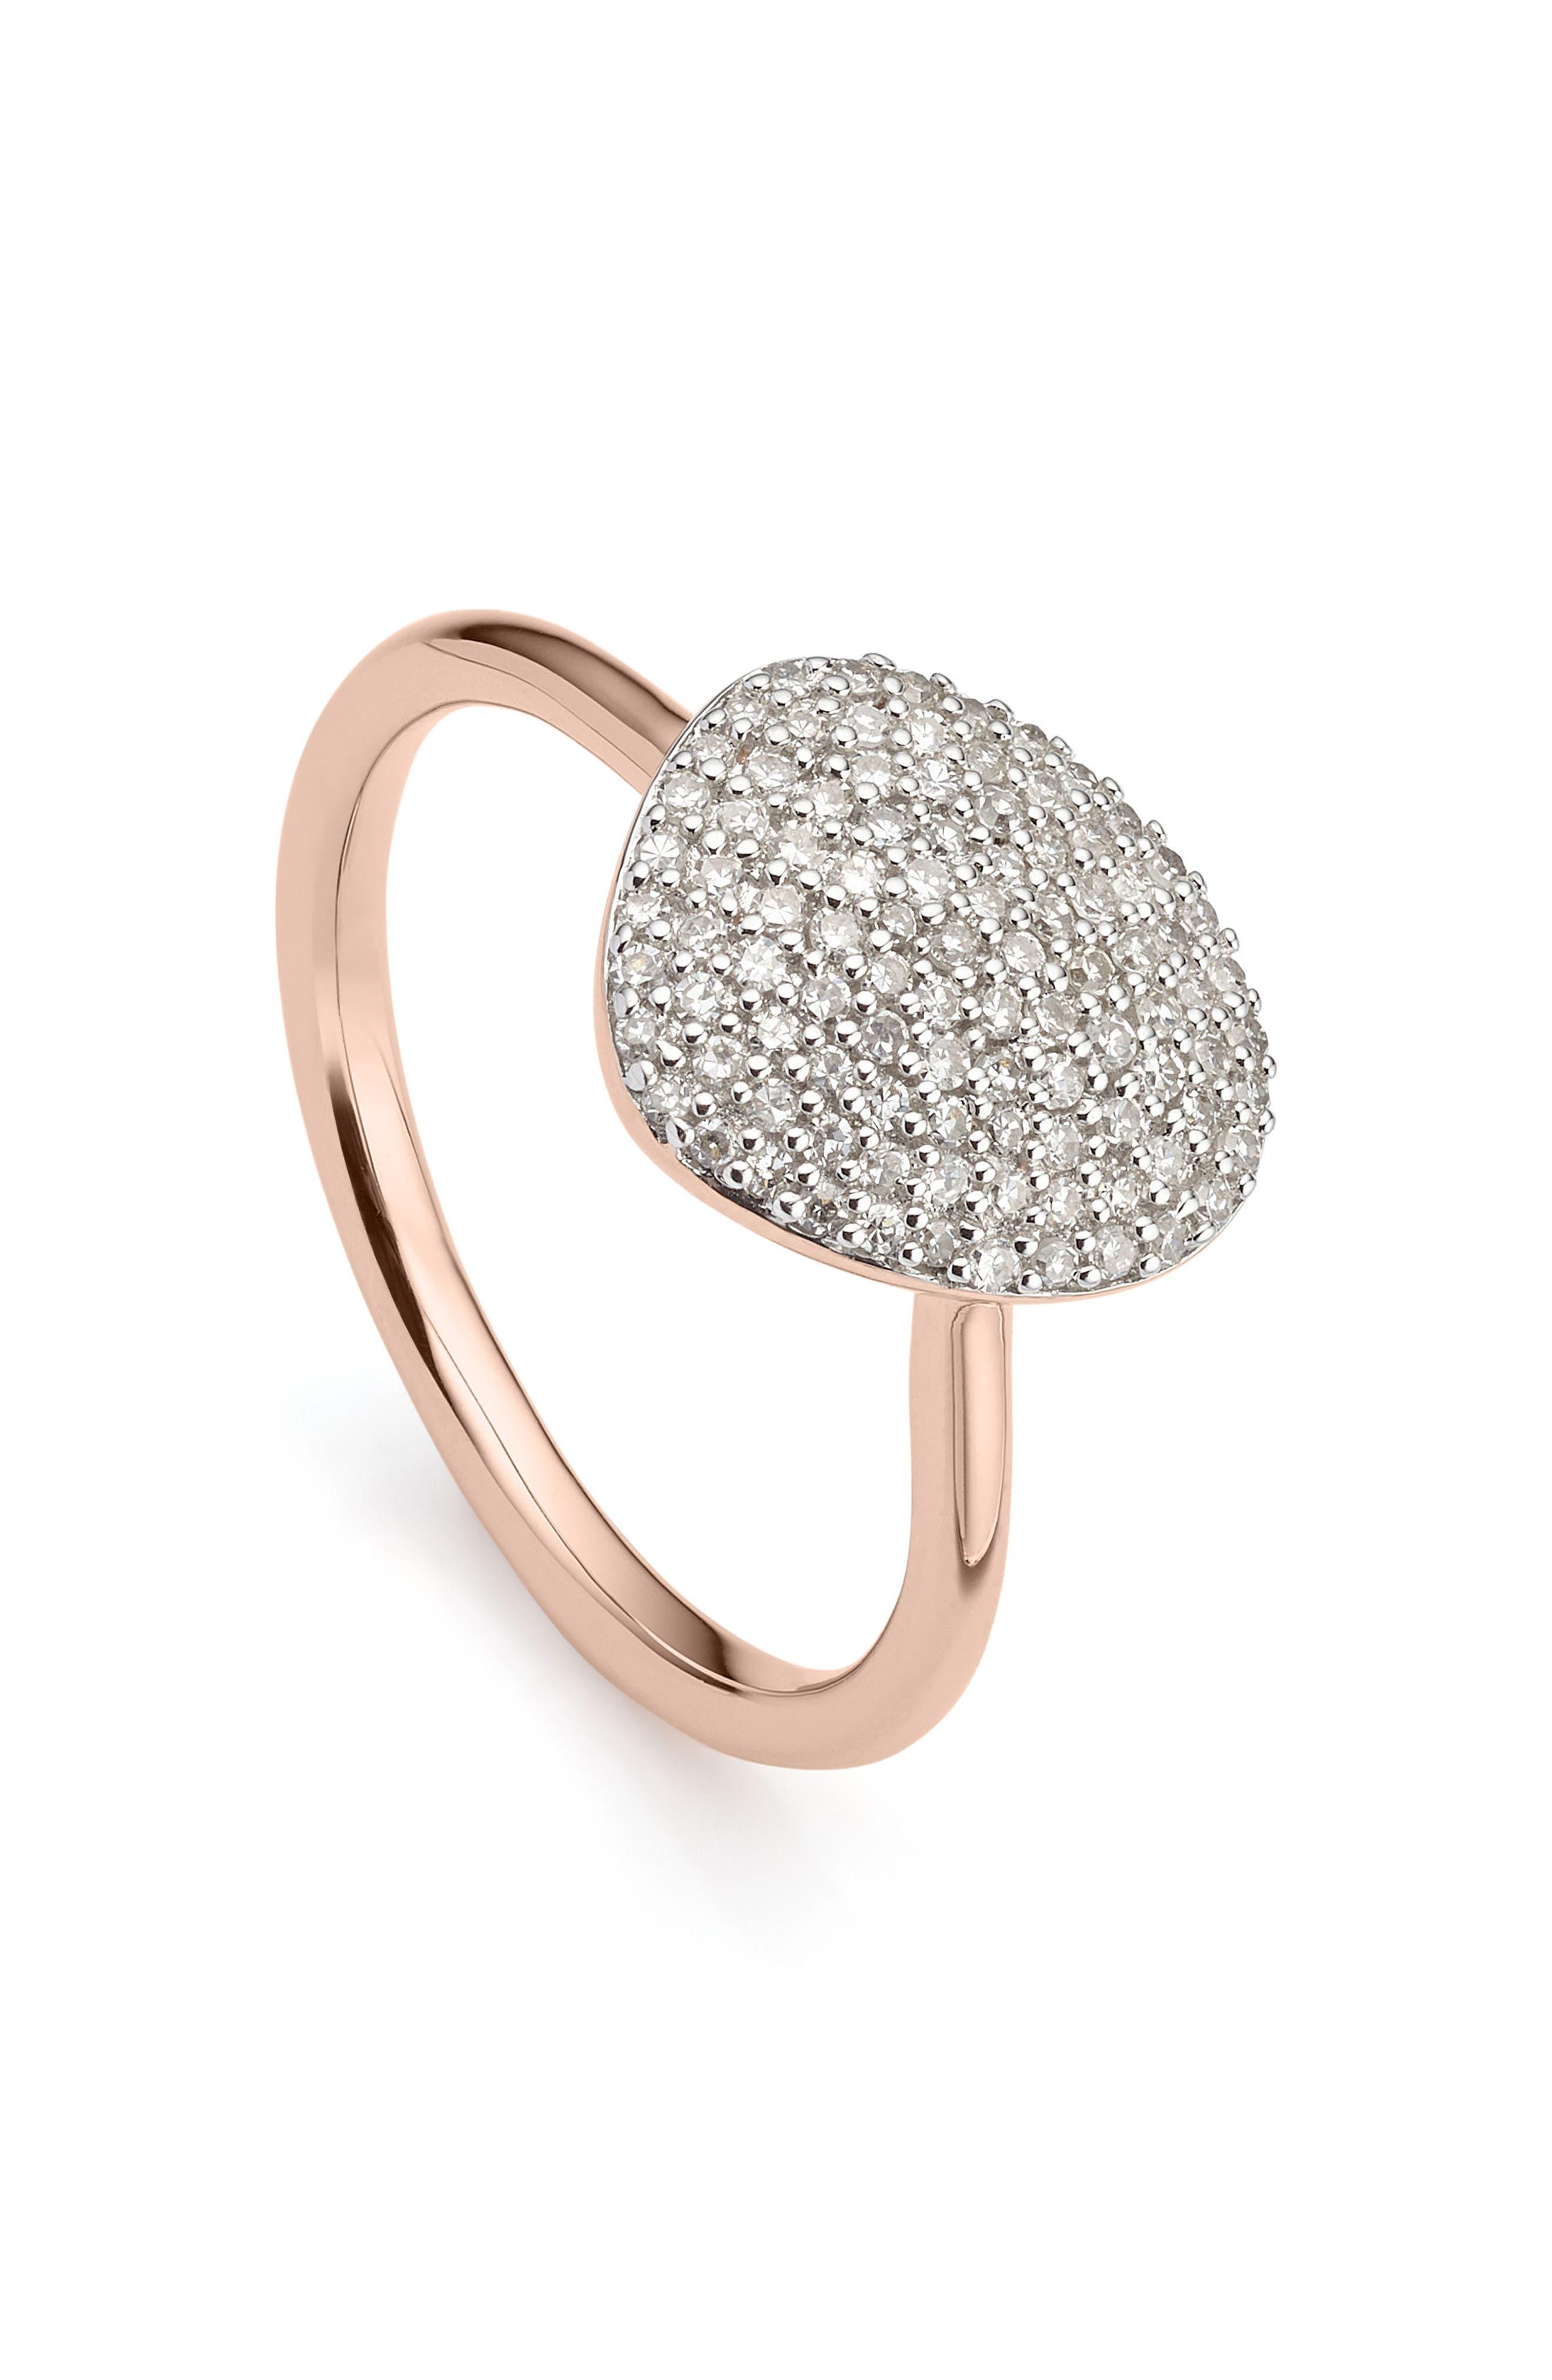 Nura Diamond Pebble Ring,                             Main thumbnail 1, color,                             ROSE GOLD/ DIAMOND